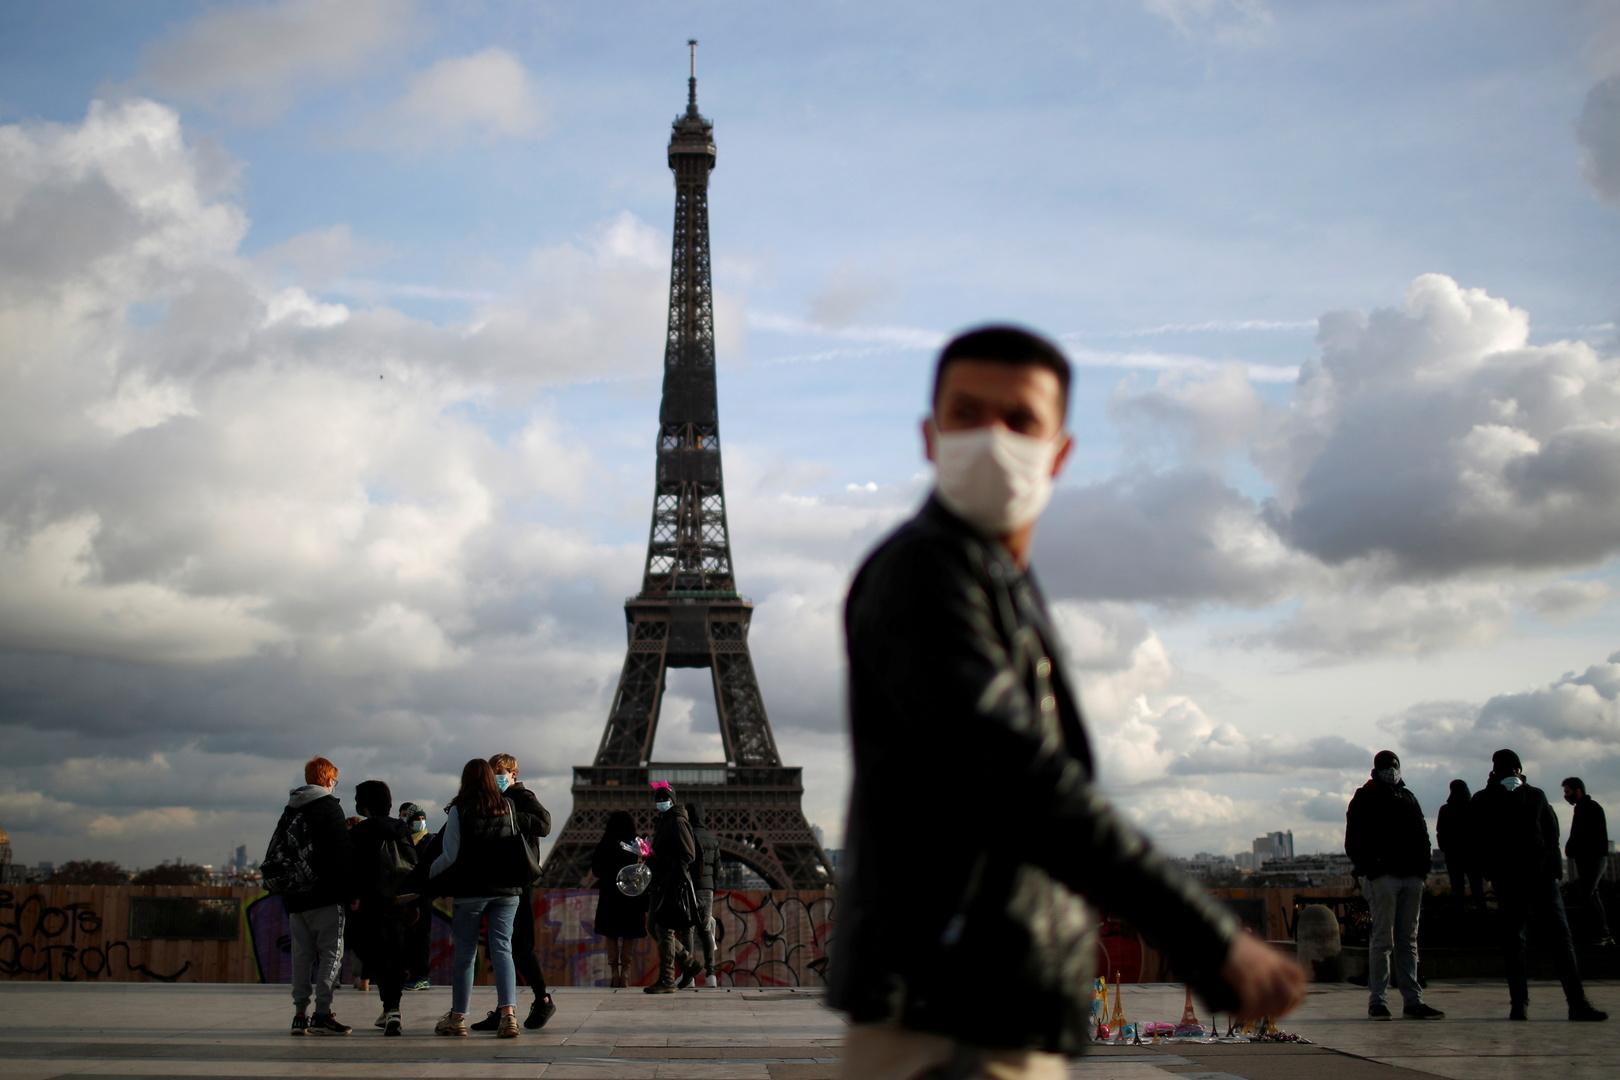 فرنسا تدخل الموجة الرابعة من وباء كورونا